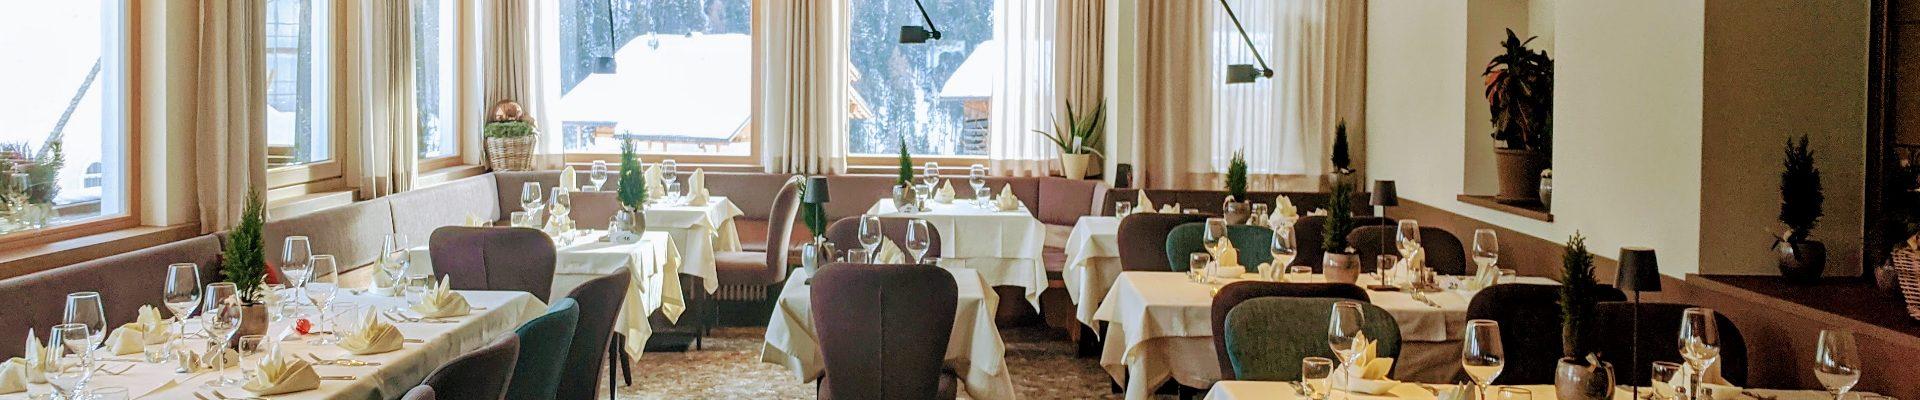 Hotel_Platz_title